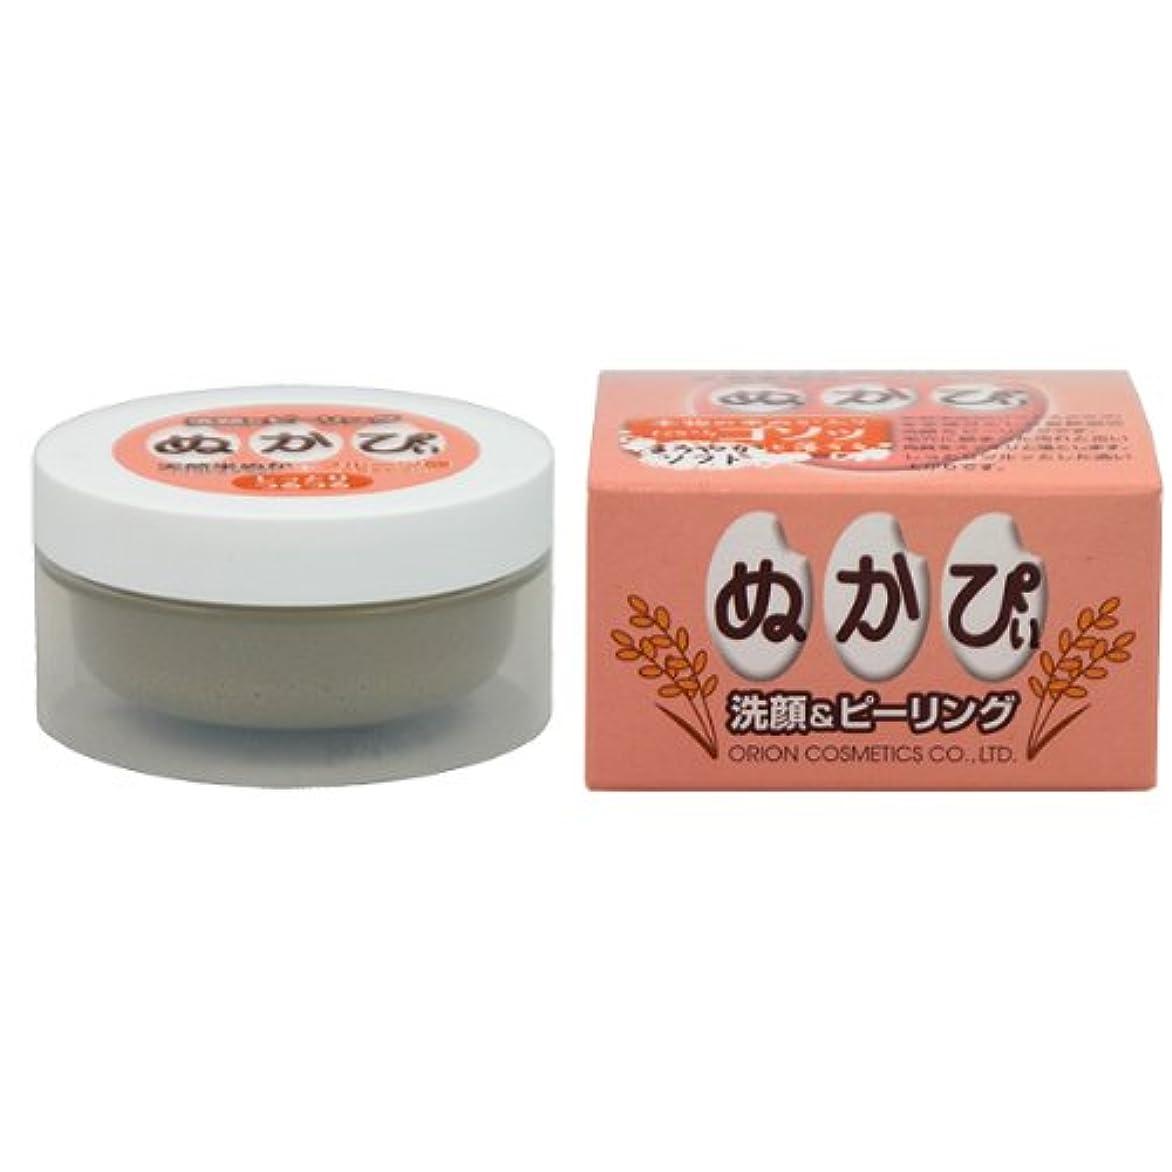 接続詞アドバンテージペンオリオン薬販 ぬかぴぃ 天然米ぬか+フルーツ酸 50g